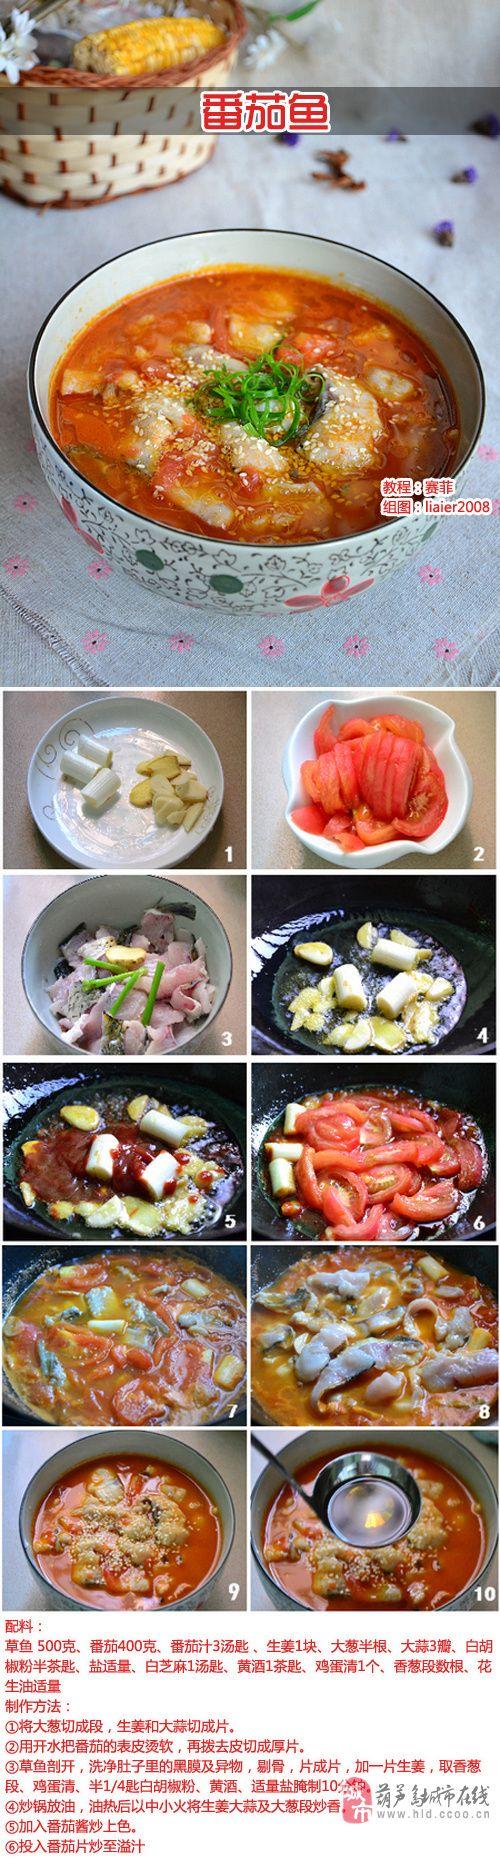 番茄鱼的制作方法